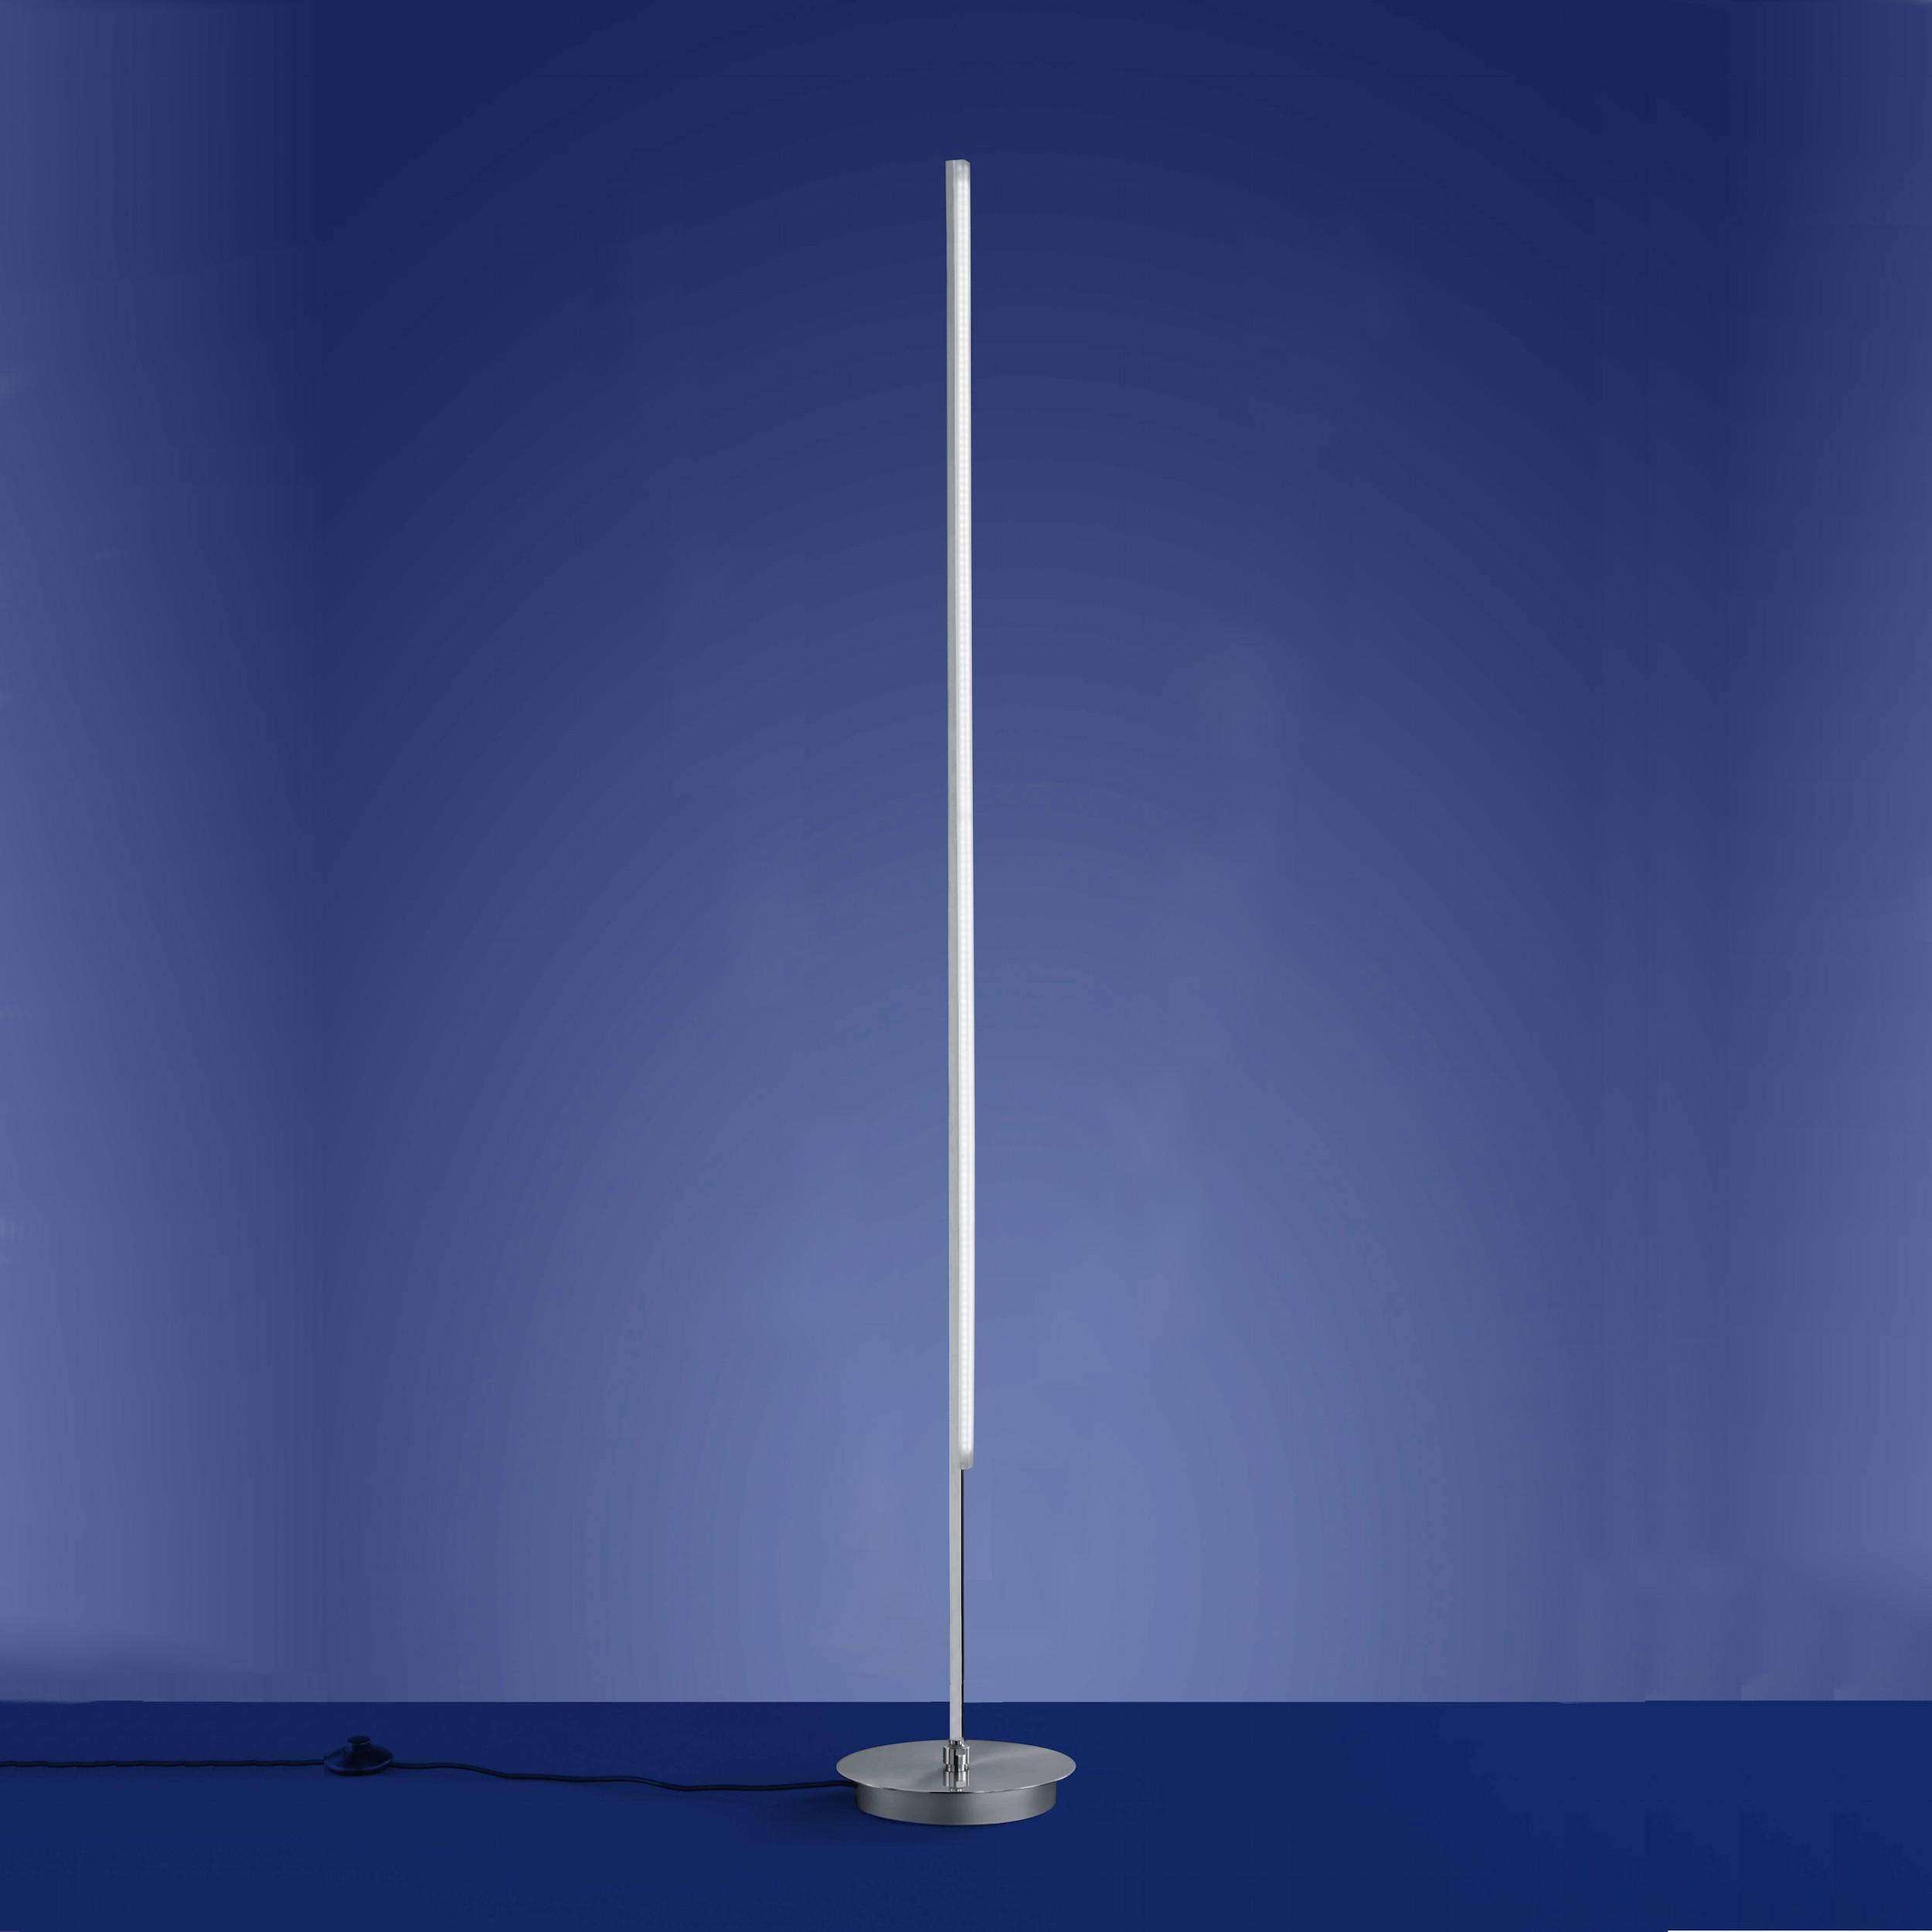 Stehleuchten von B-Leuchten BOSTON LED-Stehleuchte 60193/1-92